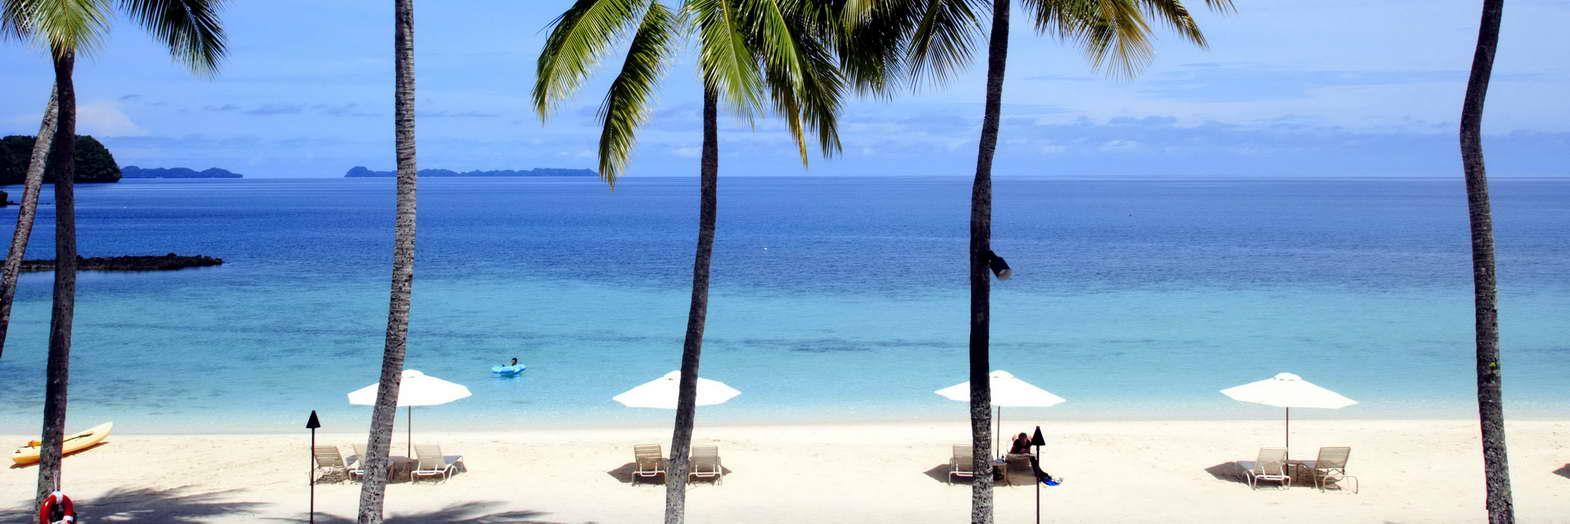 Am palmengesäumten Strandabschnitt des Palau Pacific Resorts finden Ruhesuchende ein schattiges Plätzchen.